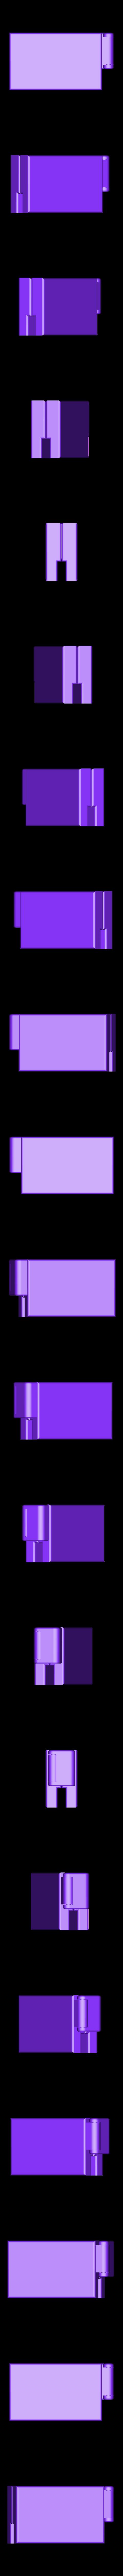 blankwallet.stl Télécharger fichier STL gratuit Video Game / Anime Themed Wallets • Objet pour imprimante 3D, ChrisBobo